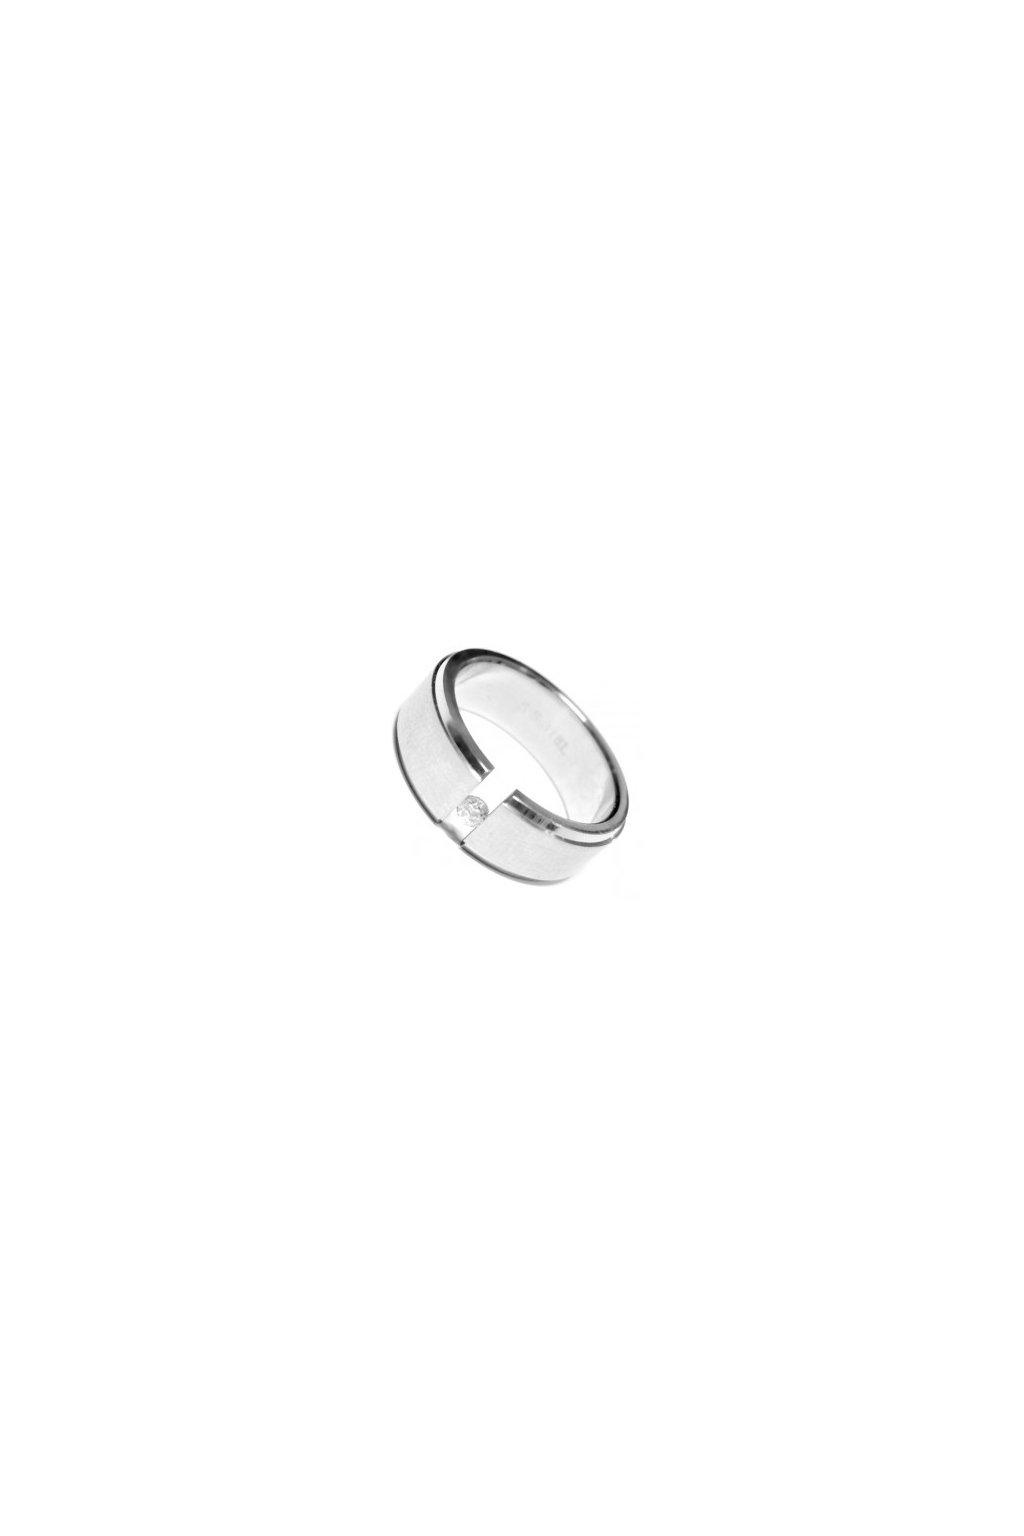 Skalimar Prsten z chirurgické oceli MATNÝ S LESKLÝMI OKRAJI A ZIRKONEM 212001